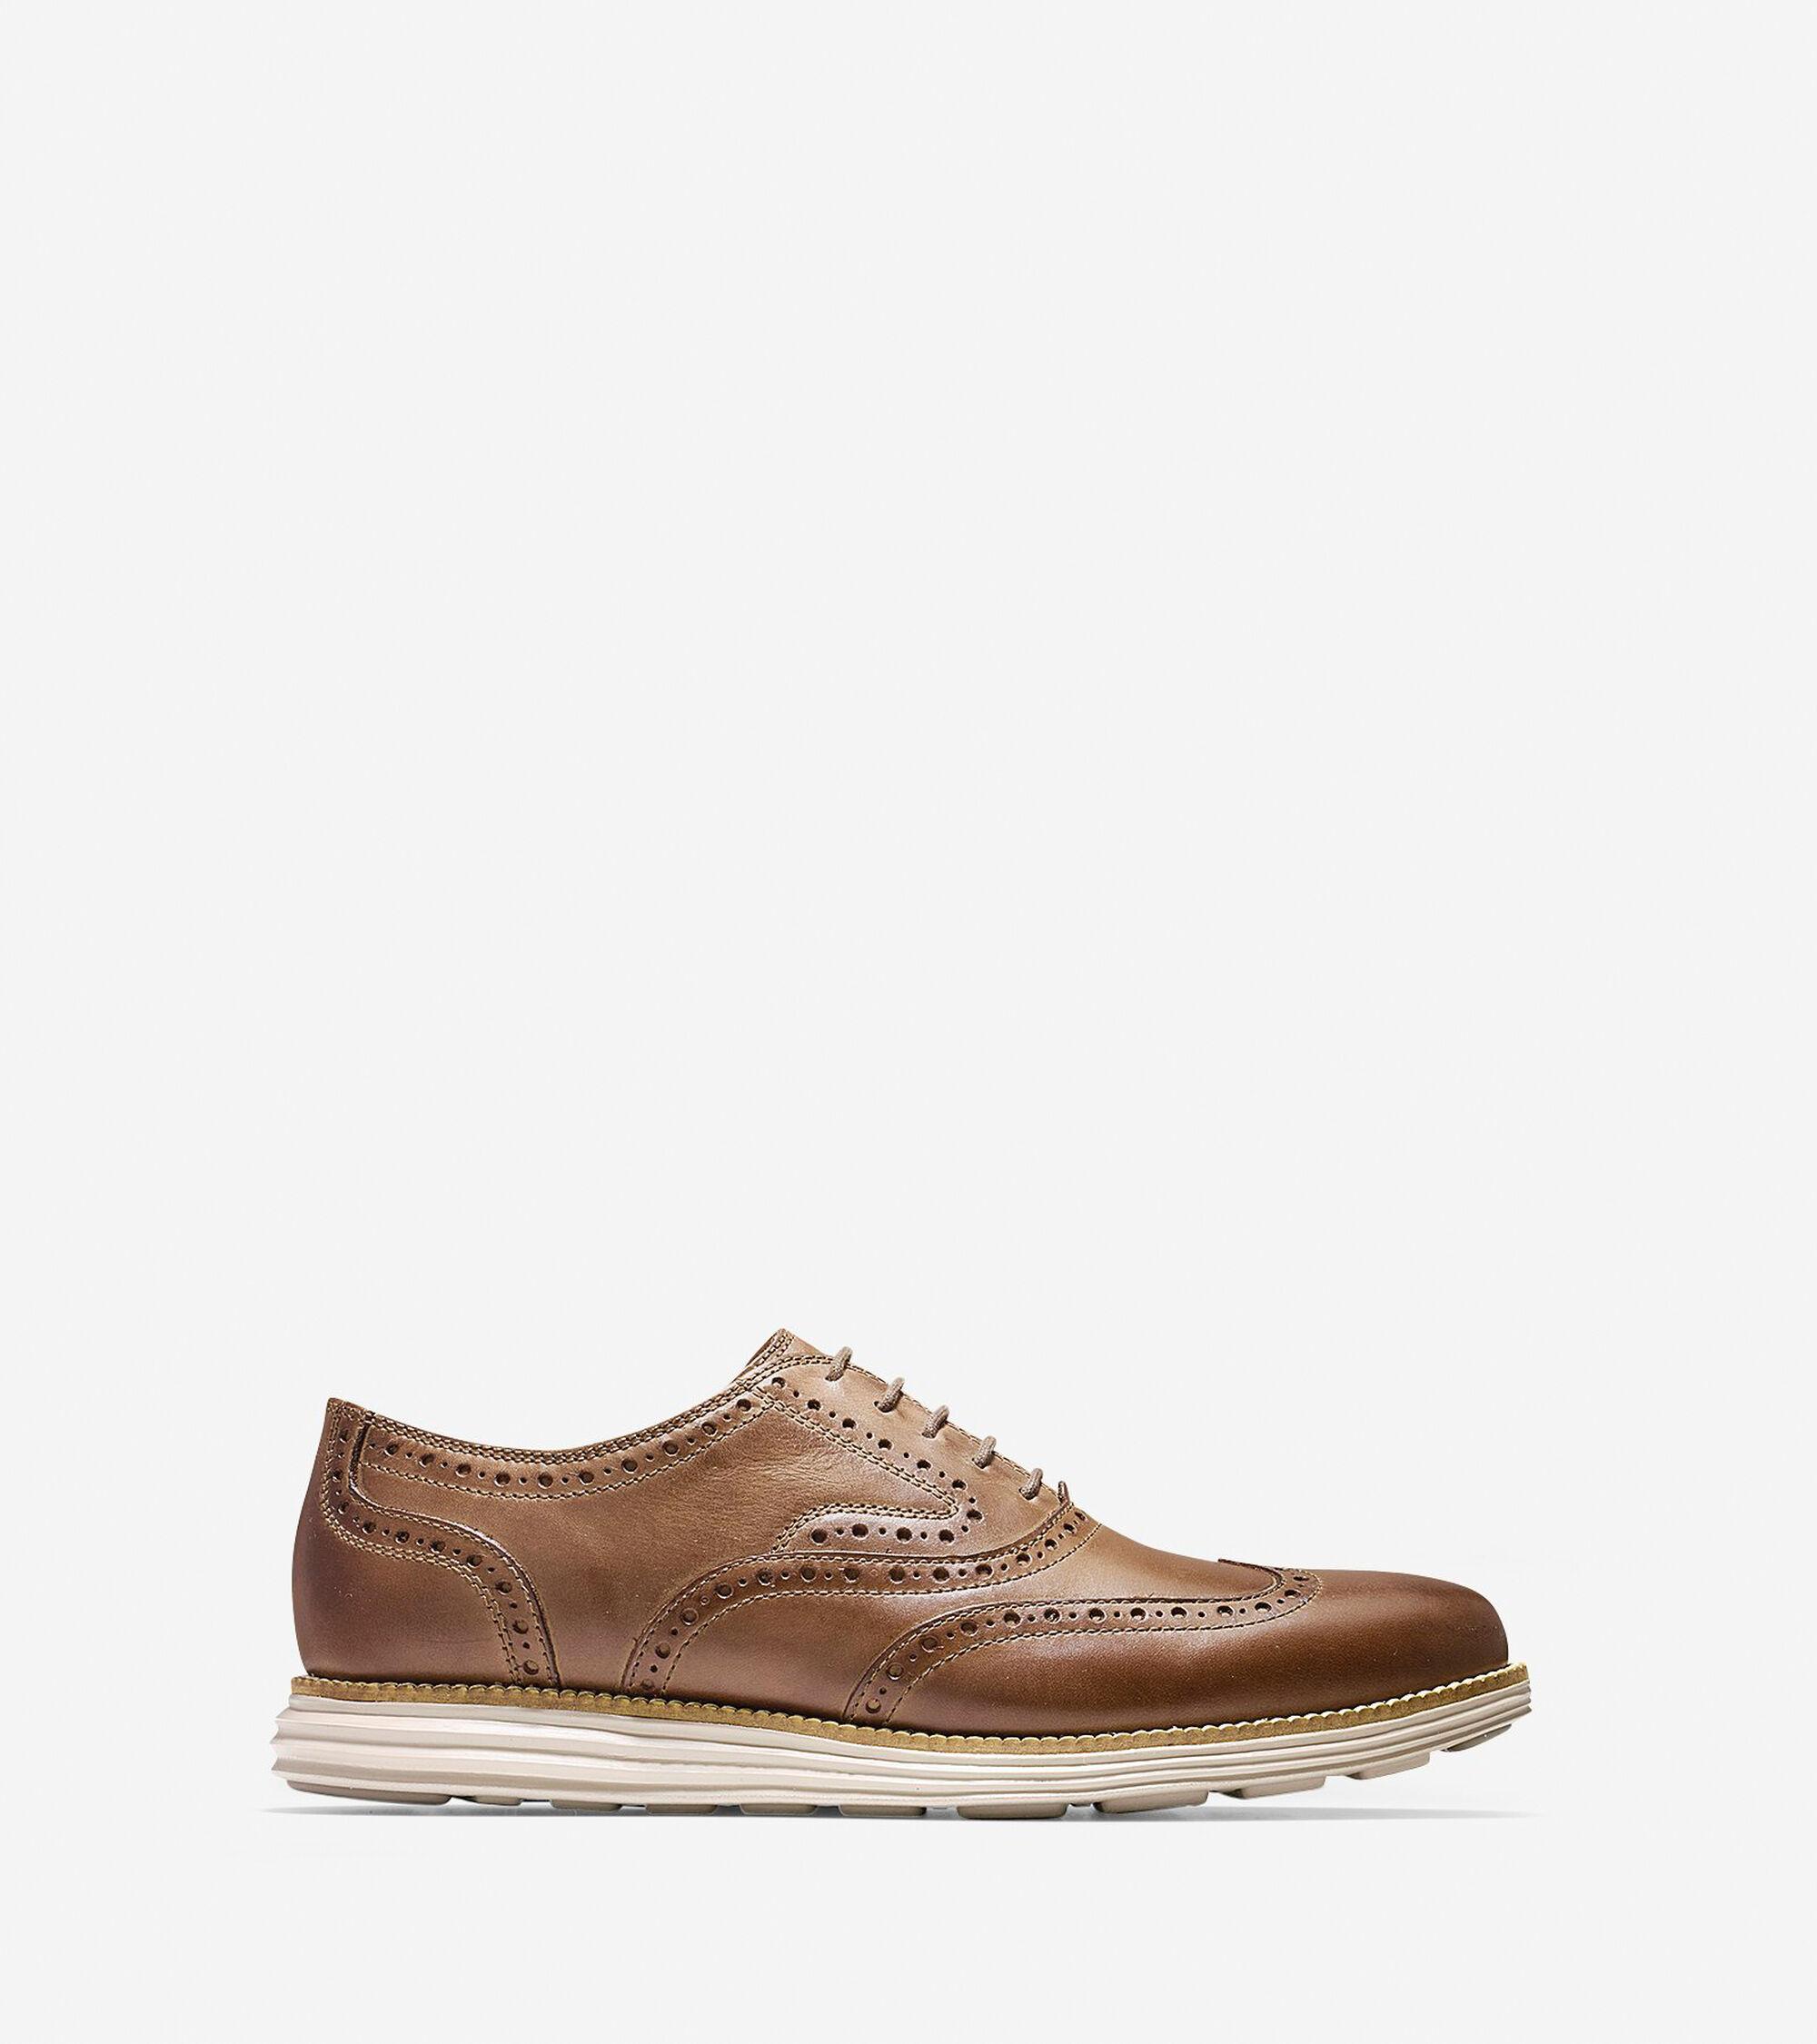 Cole Haan Men's OriginalGrand Short Wingtip Oxford Shoes